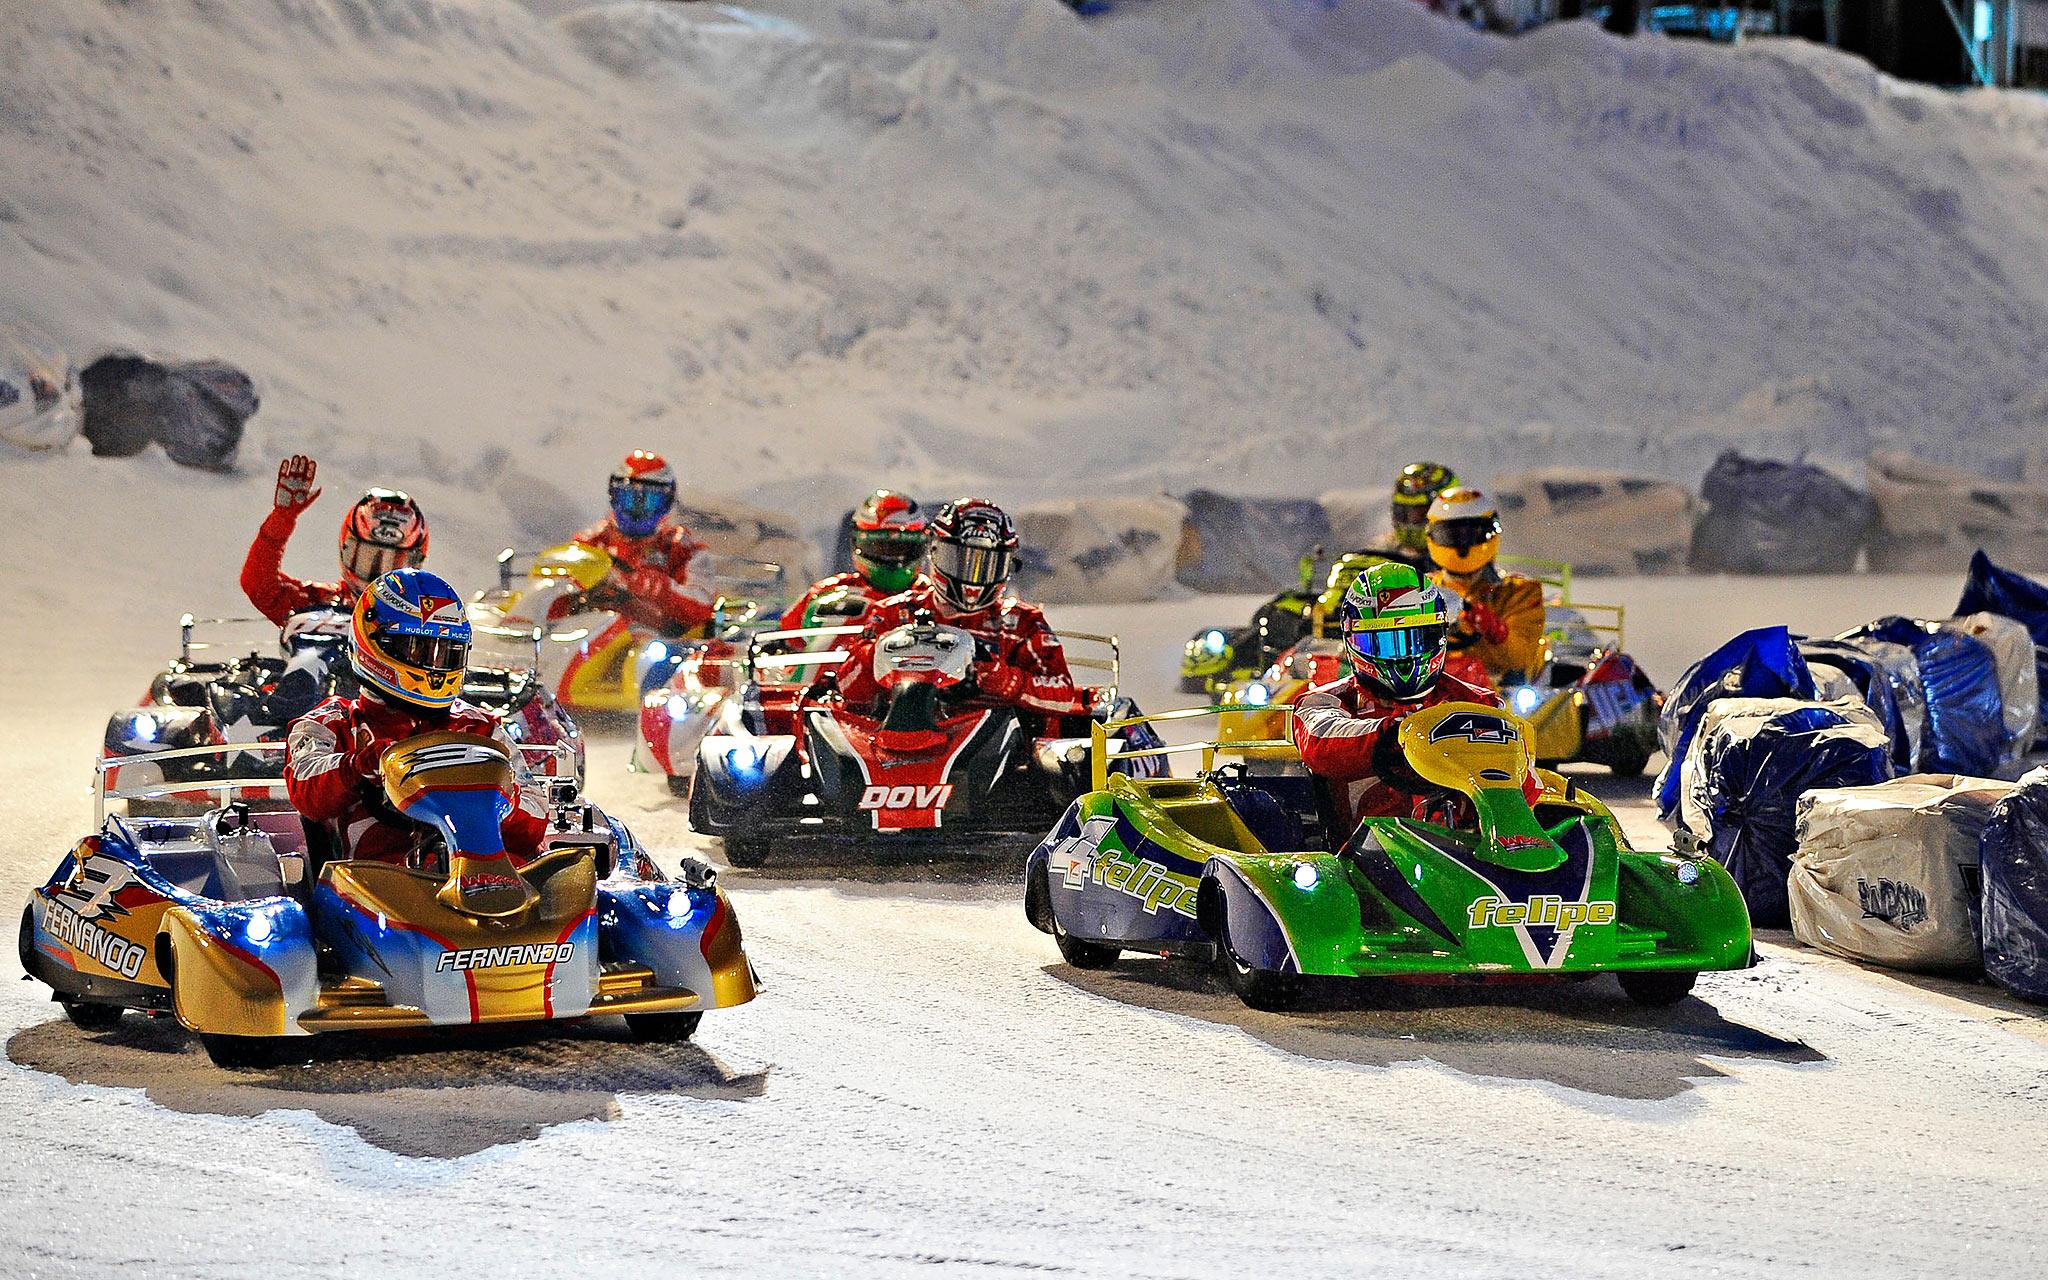 F1 and MotoGP Press Ski Meeting